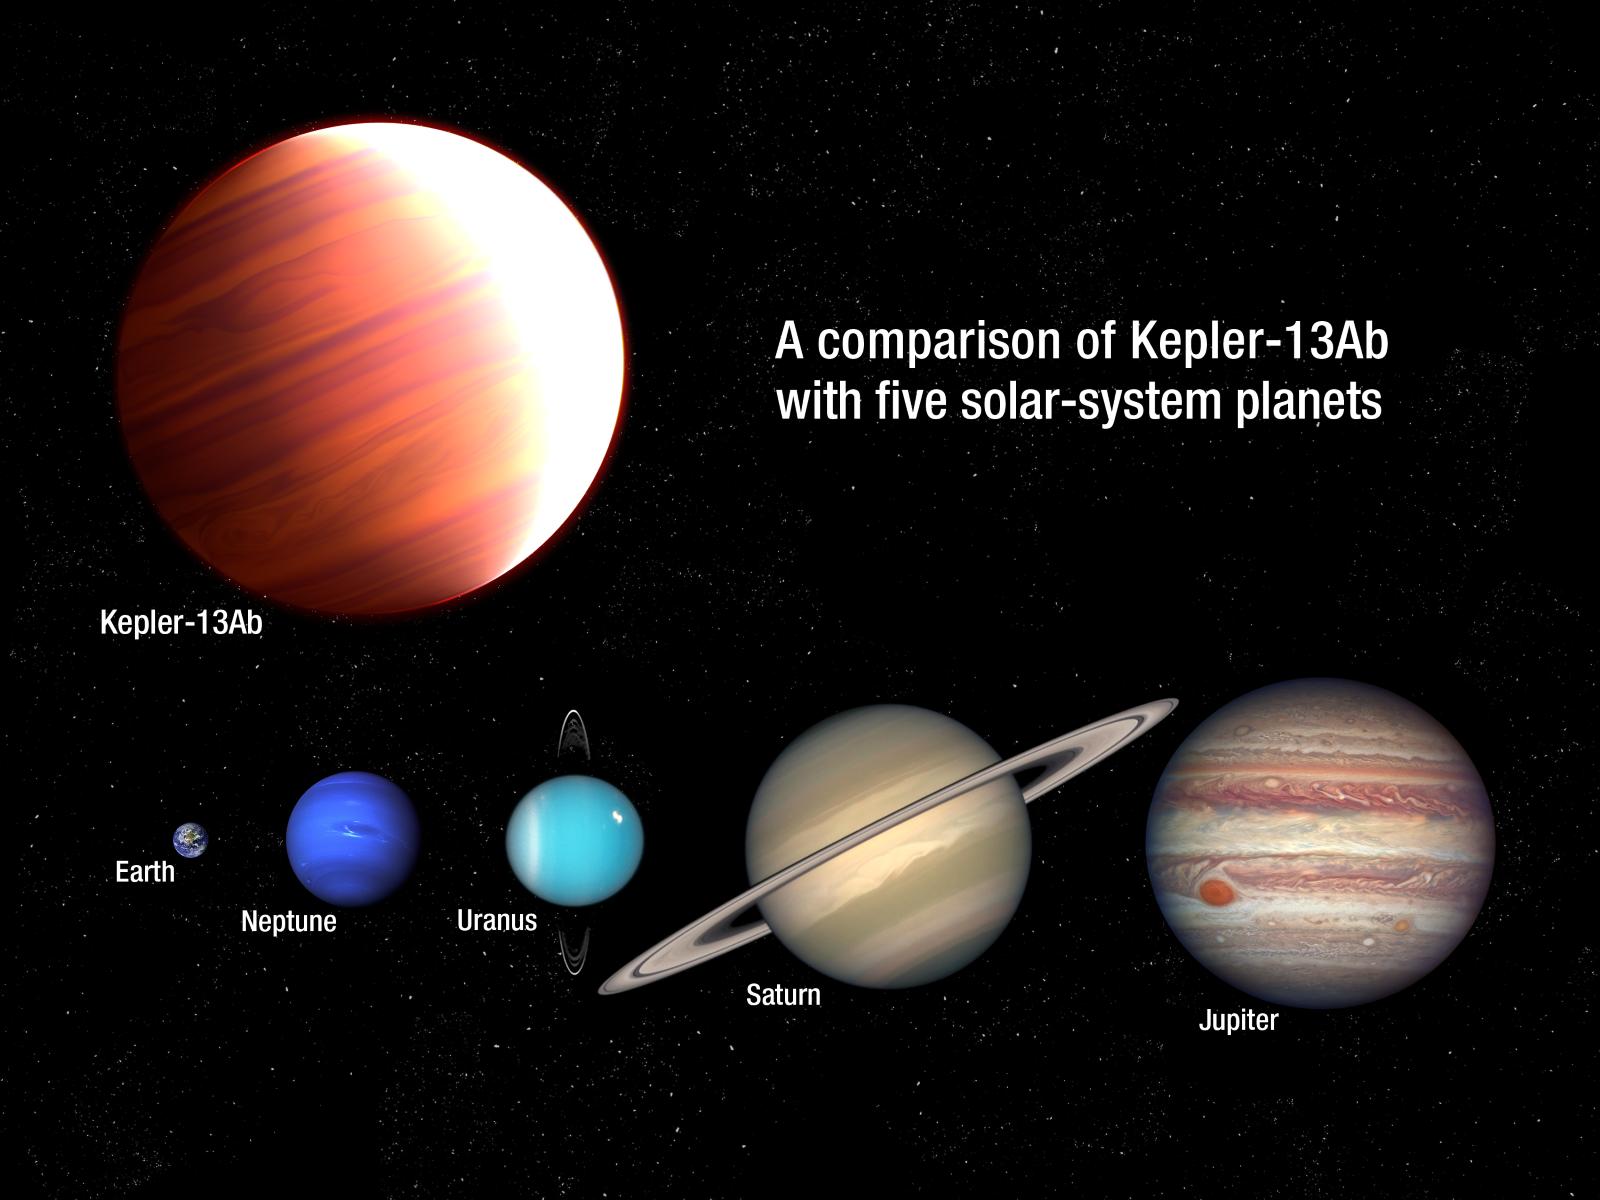 Kepler 13Ab / Solar System comparison